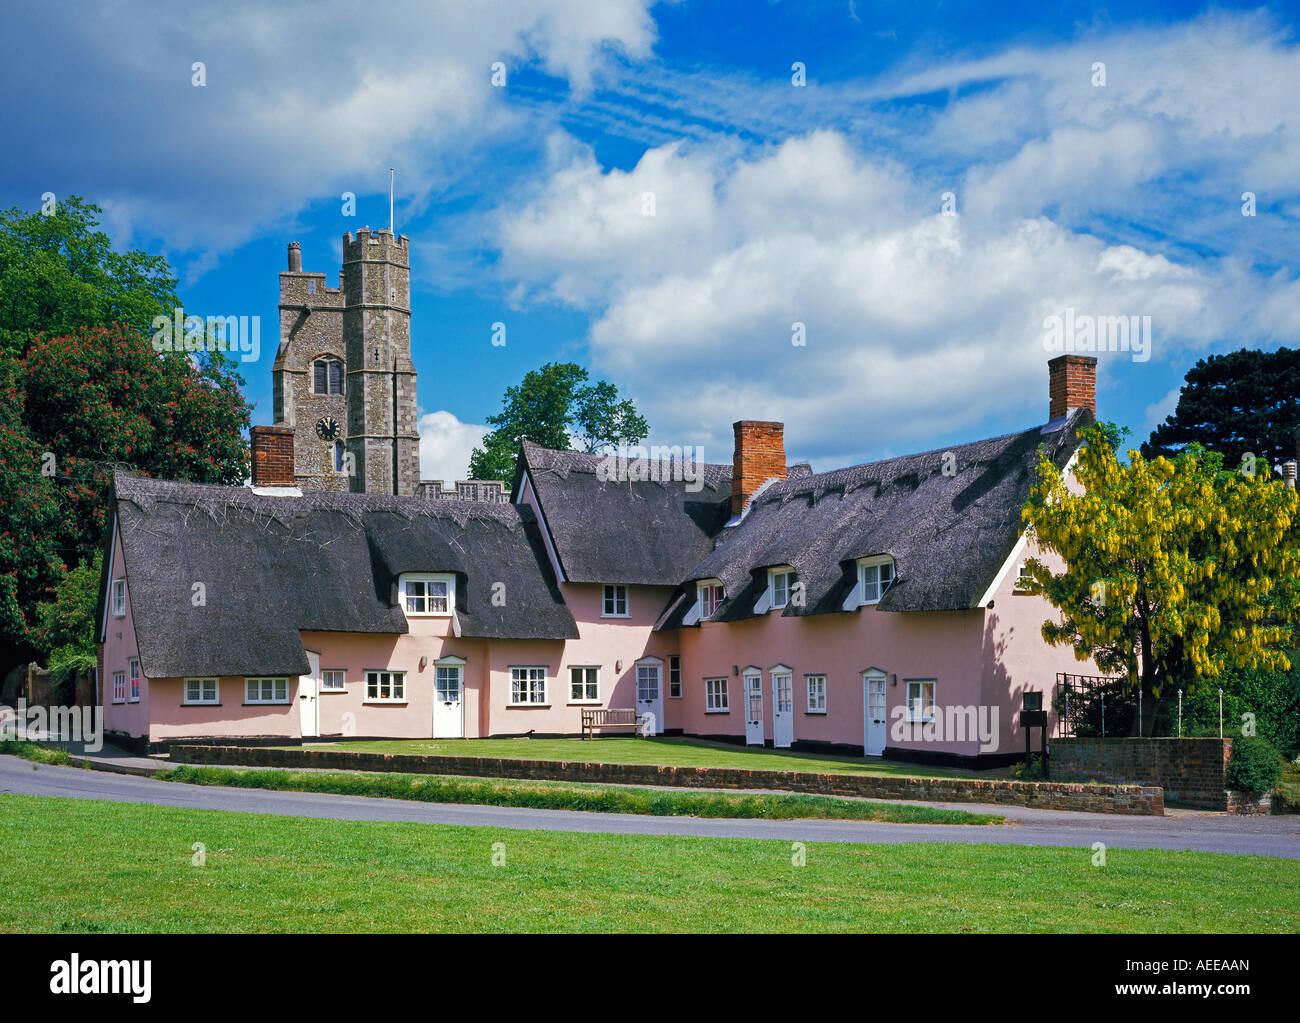 Cavendish, Suffolk, England, UK - Stock Image